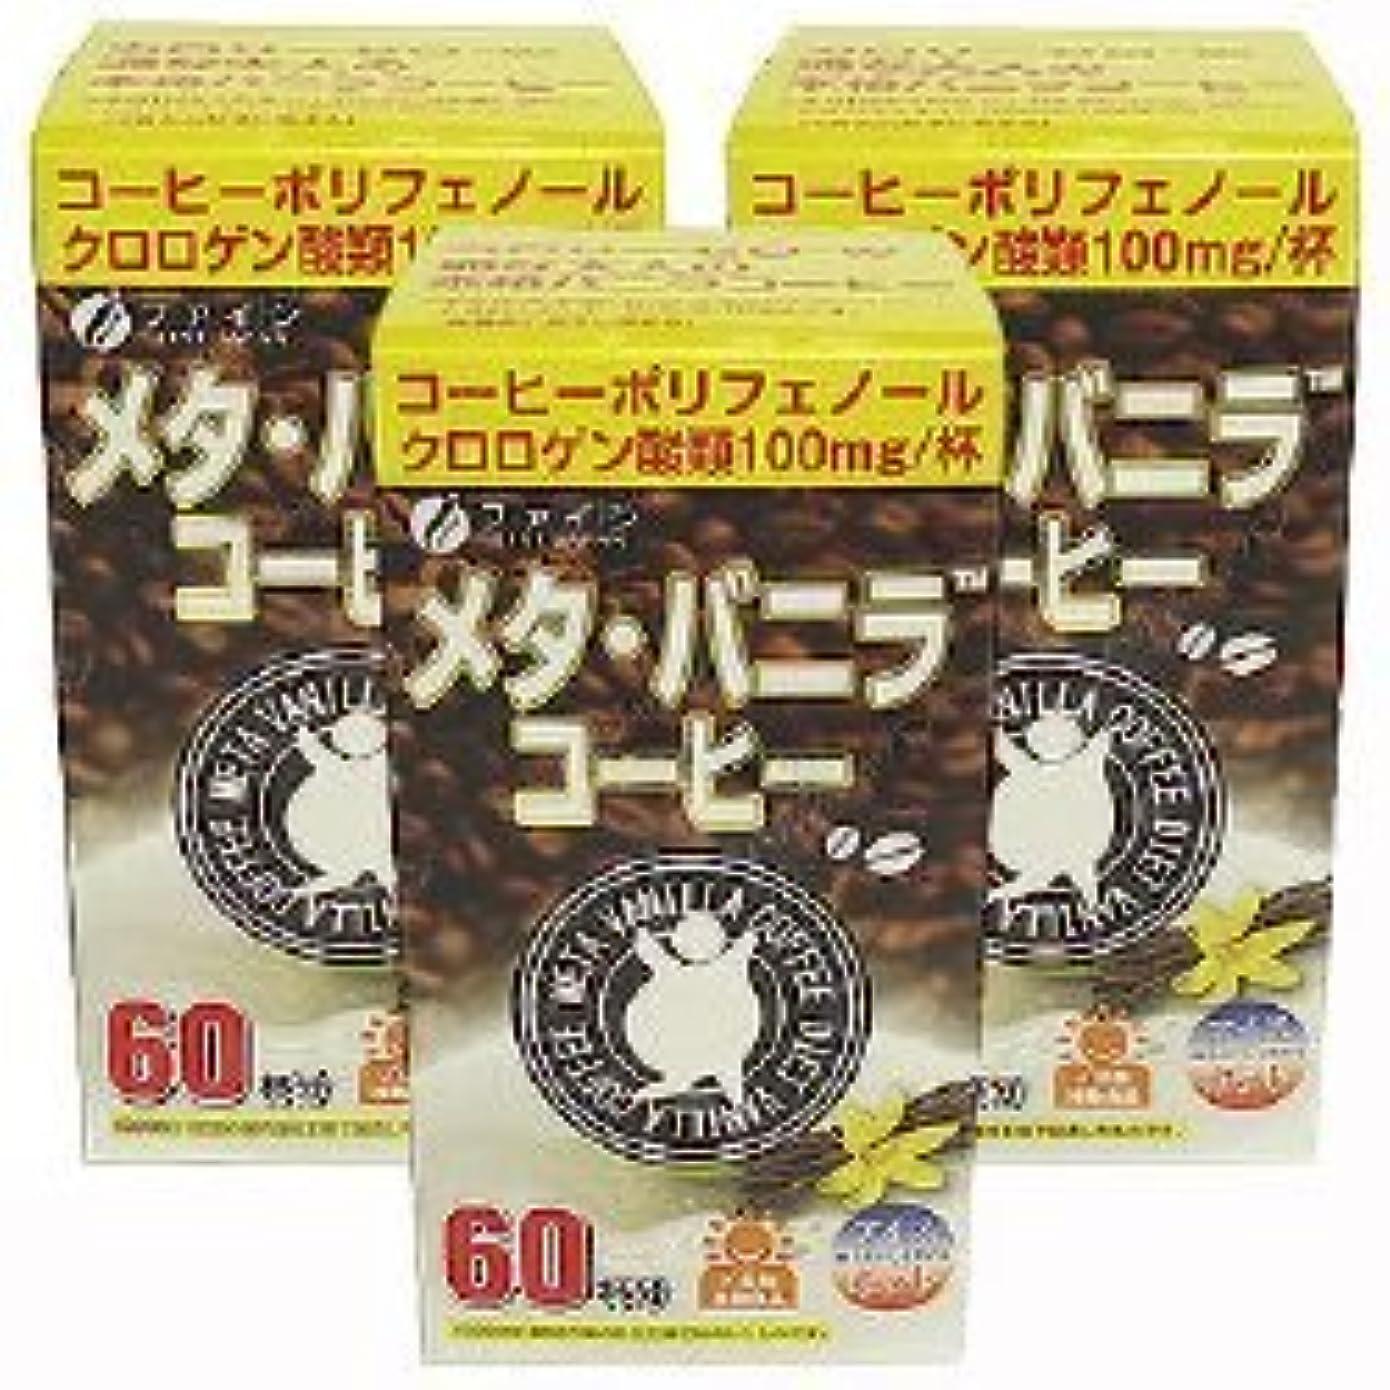 名声アヒルエチケットメタバニラコーヒー【3箱セット】ファイン